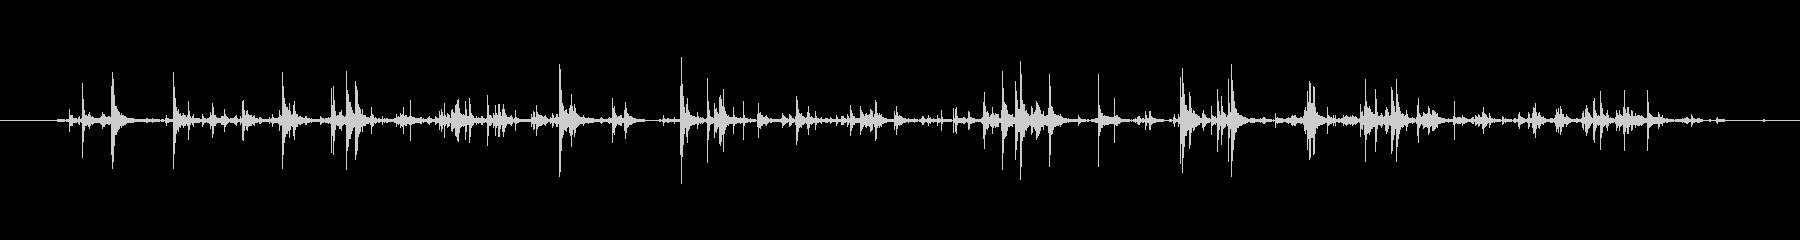 【筆箱01-6(ガサガサ)】の未再生の波形